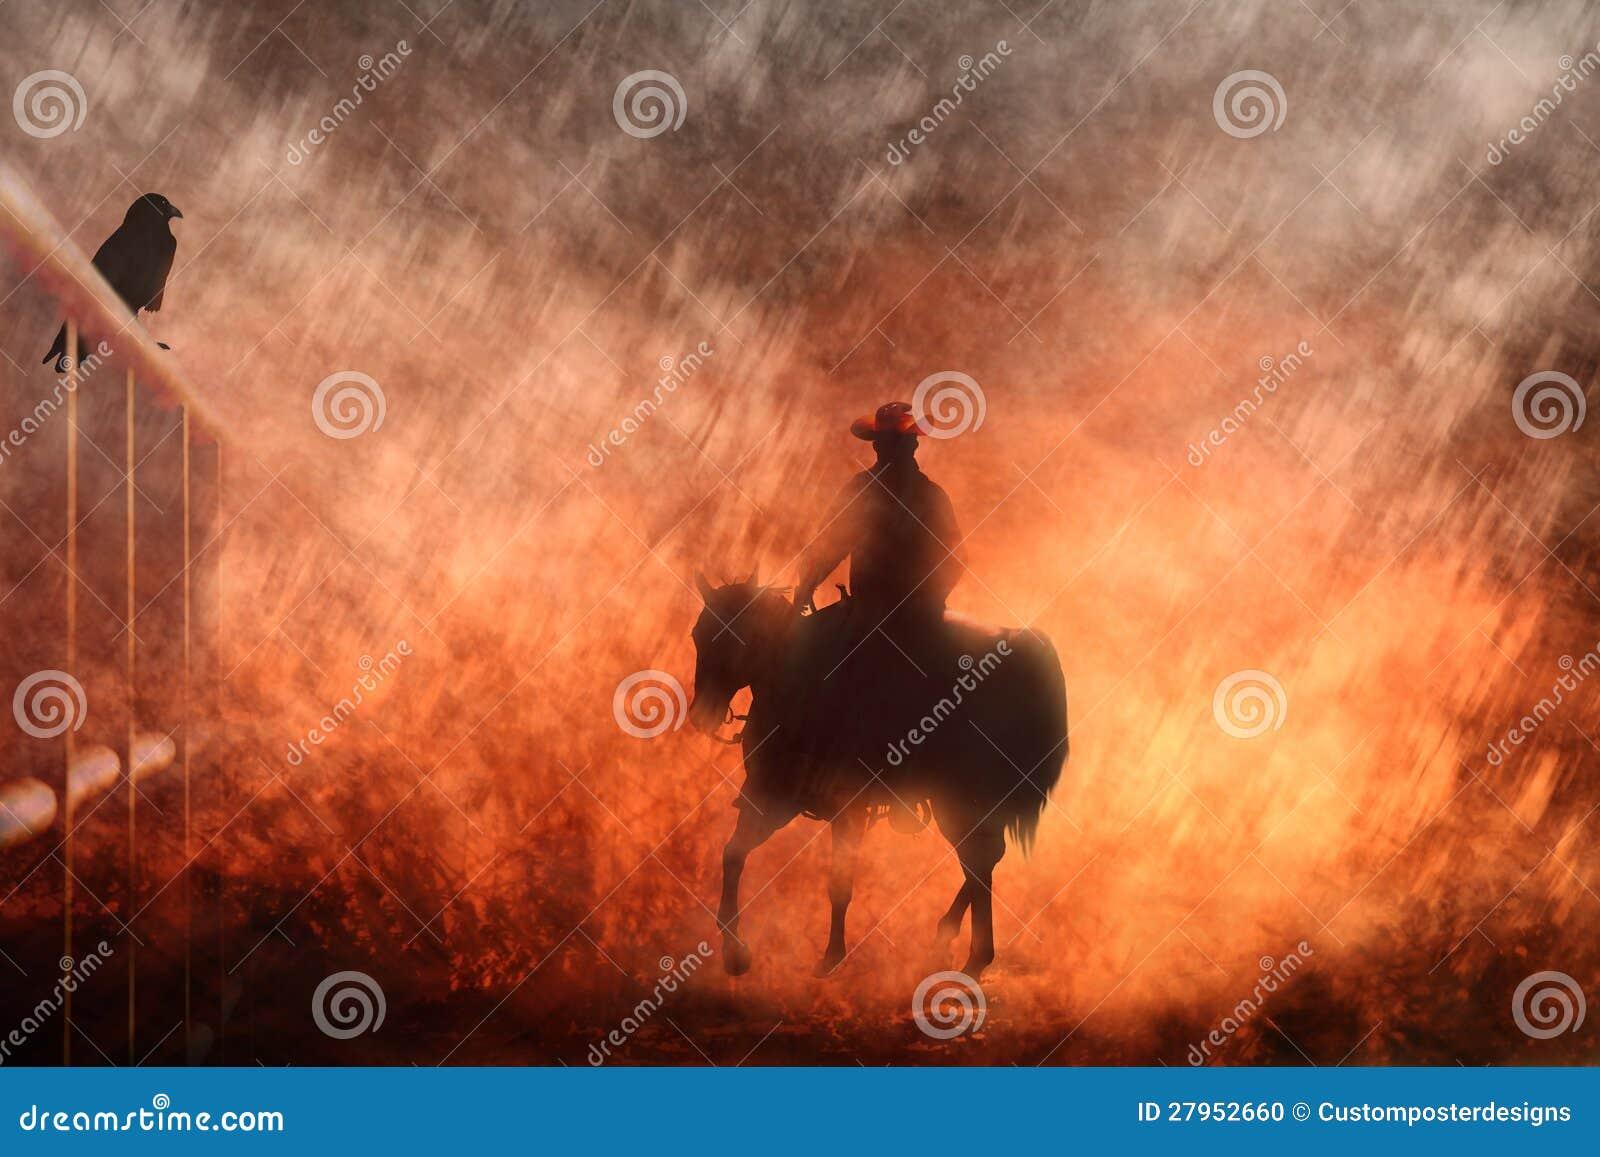 Équitation de cowboy sur un cheval III.